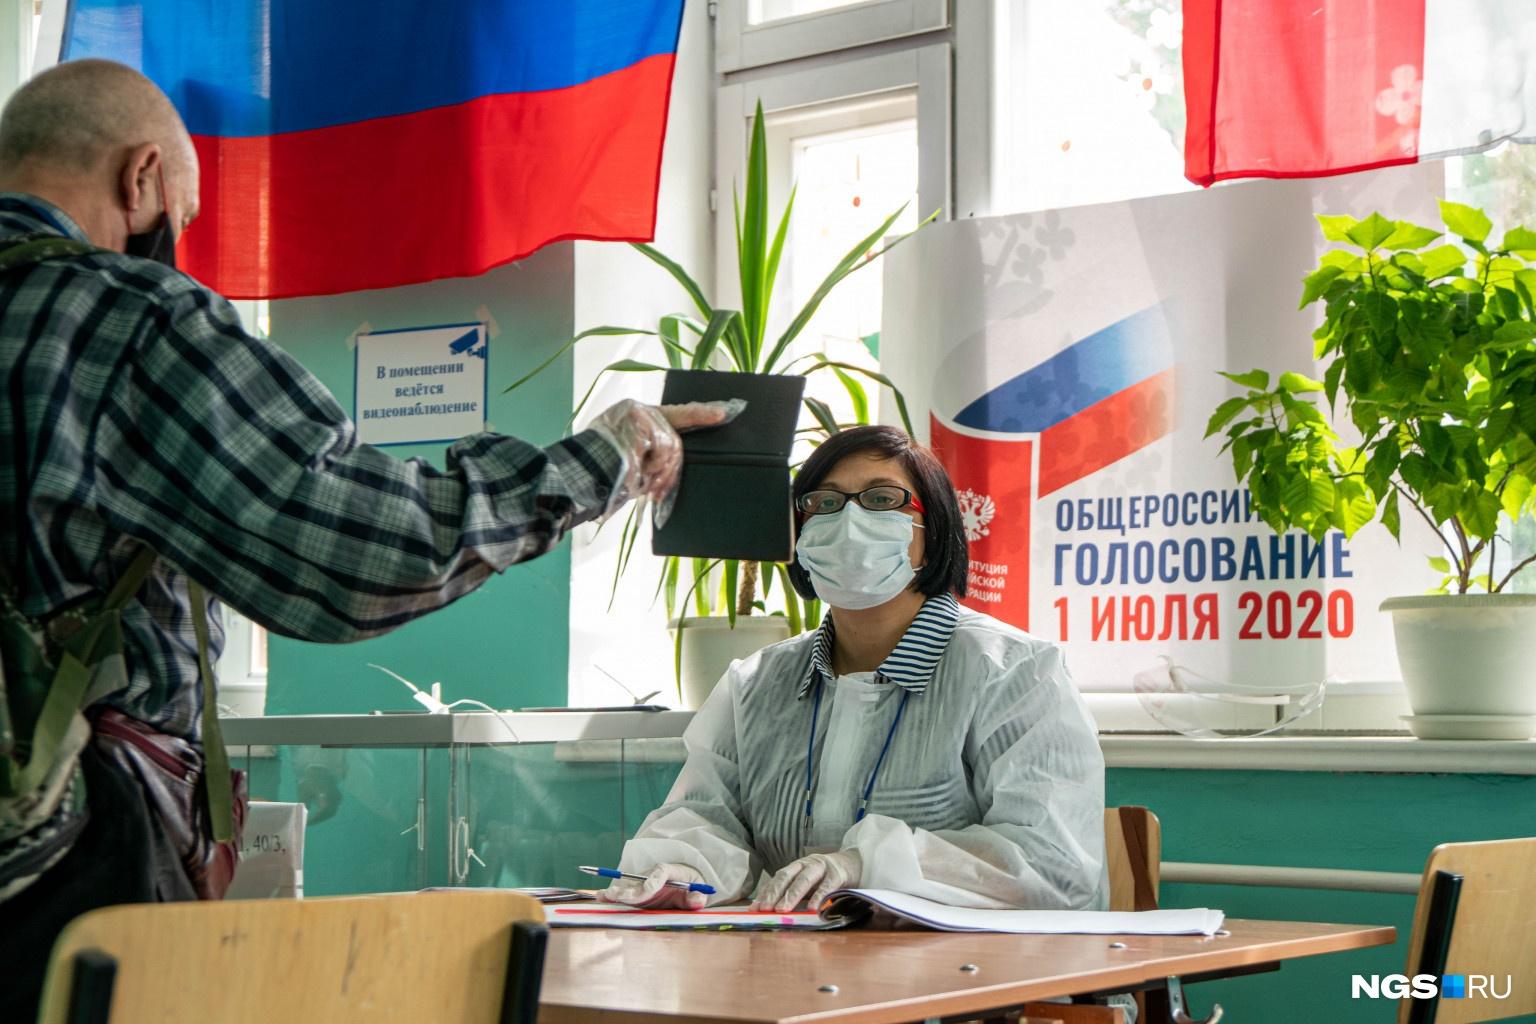 Паспортные данные избирателей строго проверяются